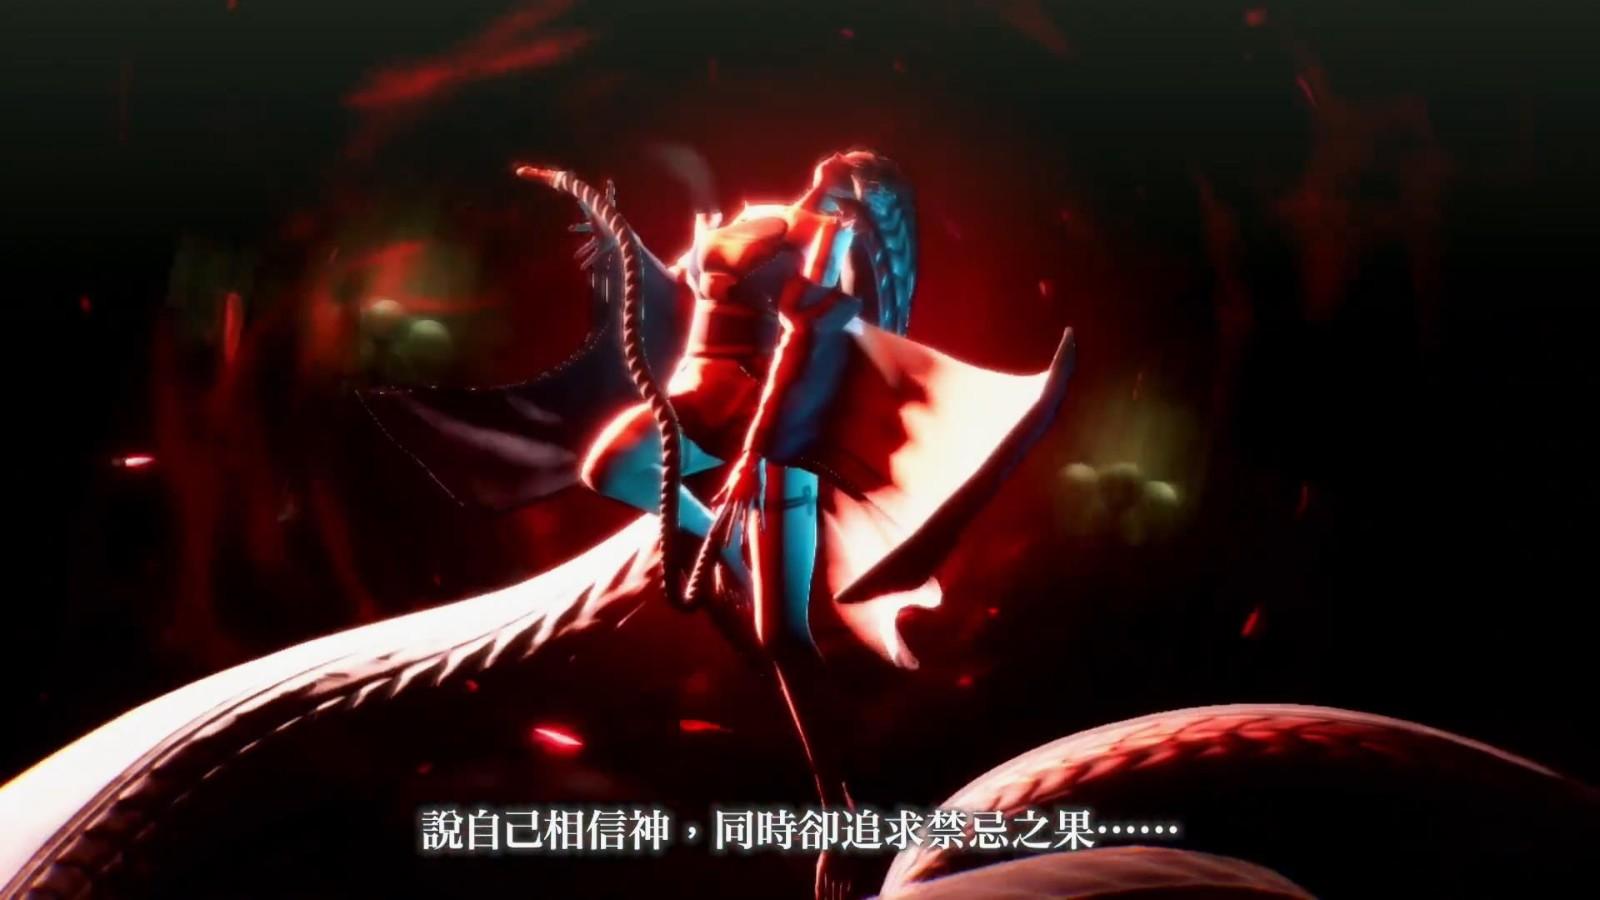 《真女神转生5》新中文预告 红衣妹子性感迷人  第2张